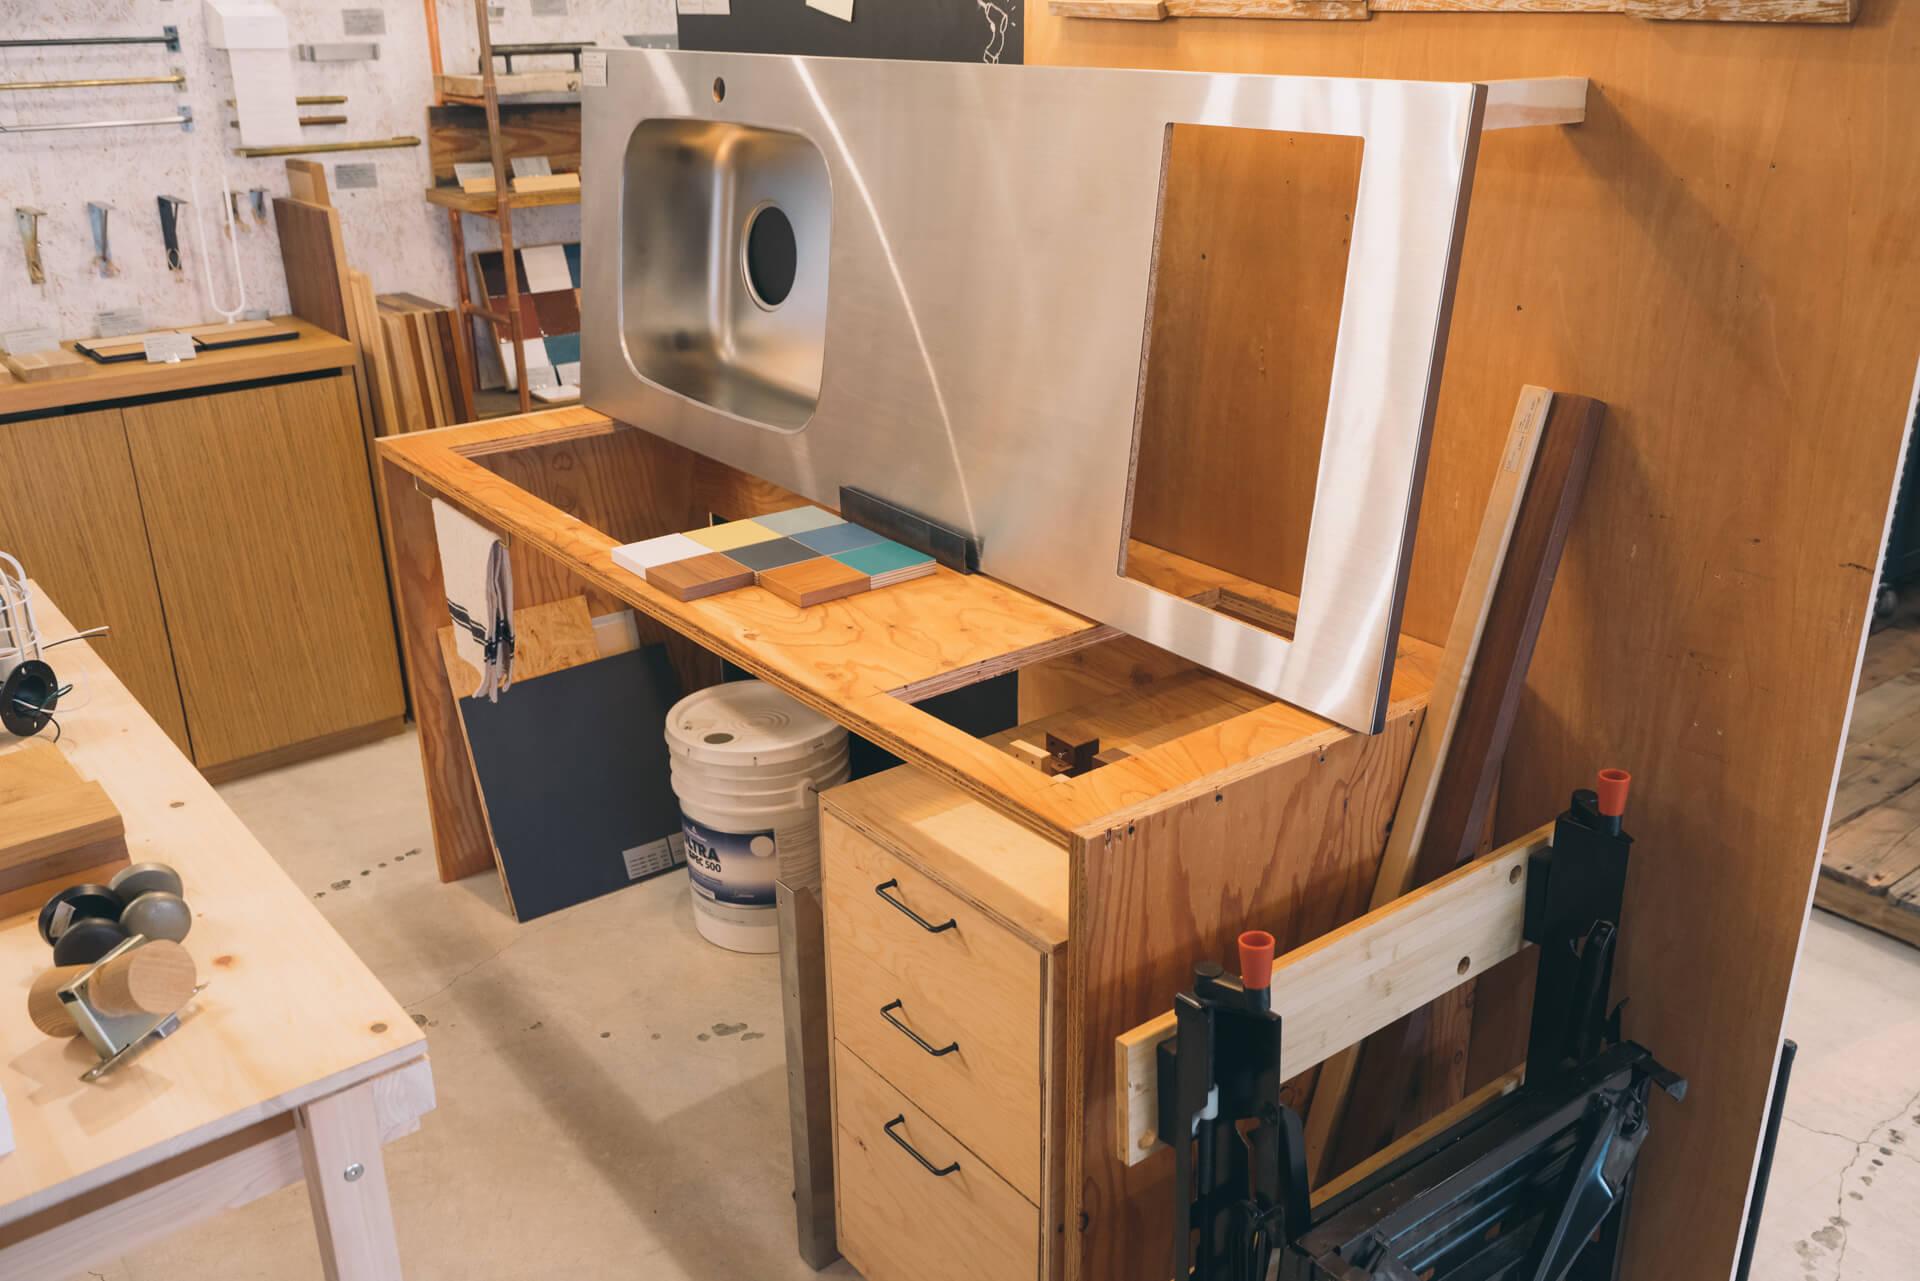 人気の商品である、幅と奥行きを10mm単位でオーダーできるキッチン天板も、構造がよくわかるように展示されていました。キッチンってこうやって作れるんだ。